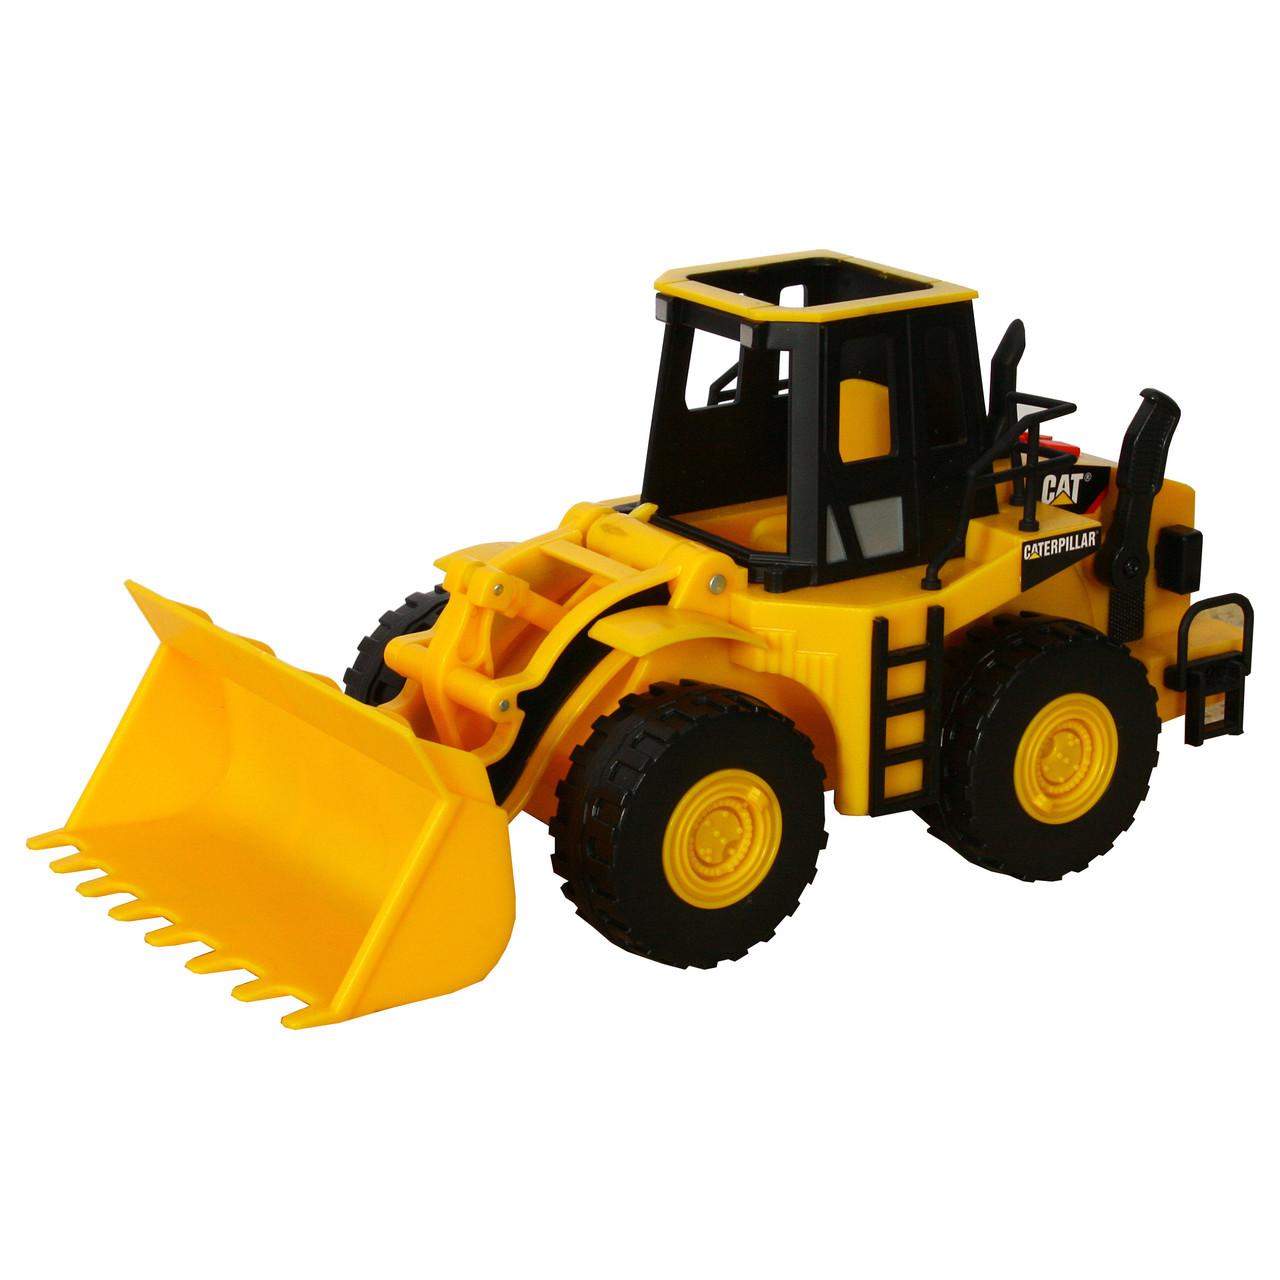 Ковшовый погрузчик CAT, 33 см «Toy State» (35643)